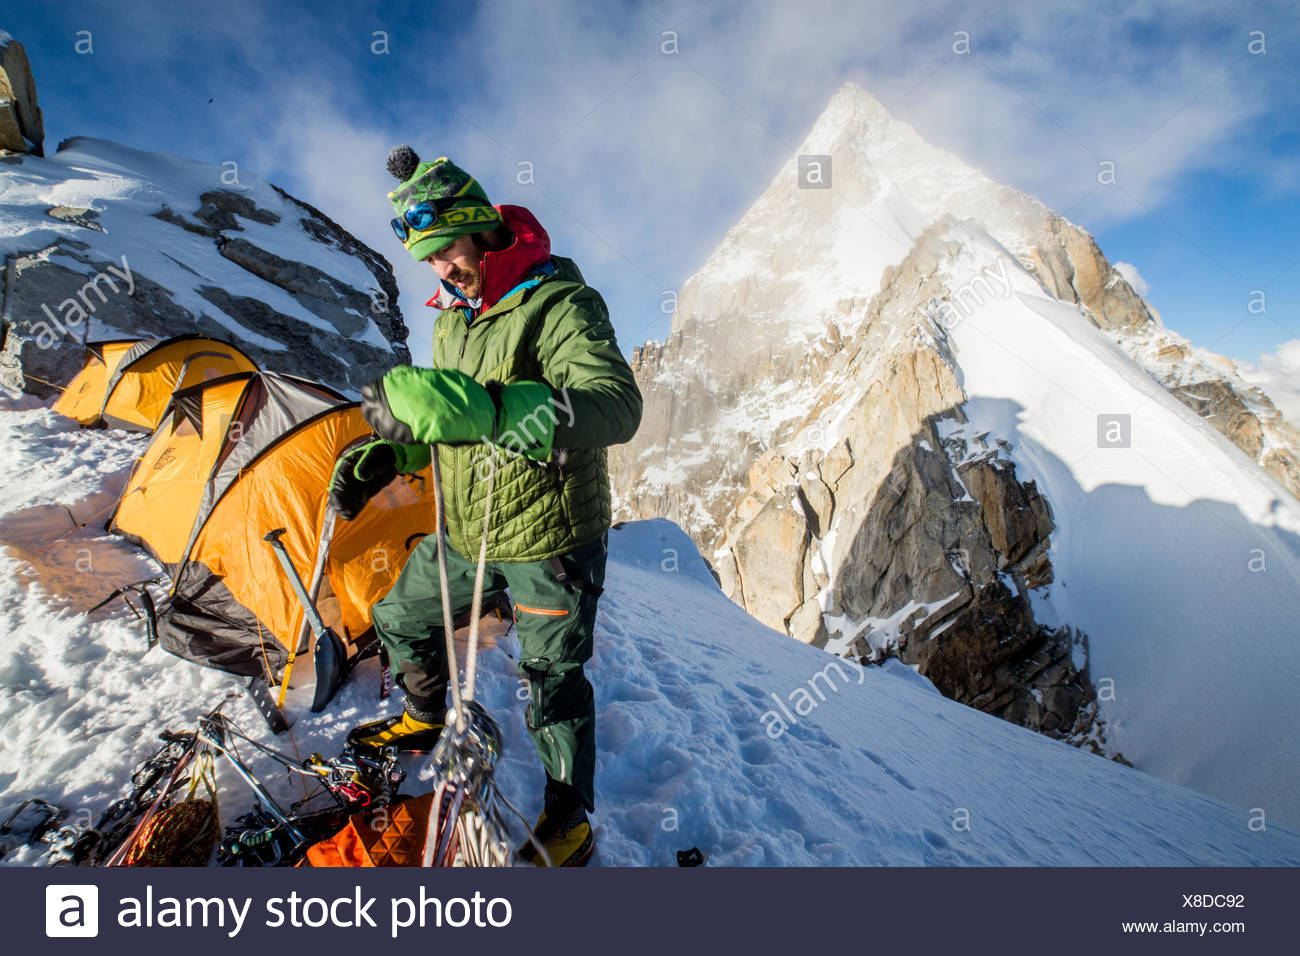 Un miembro de la expedición dobles cuerdas y comprueba su marcha. Imagen De Stock